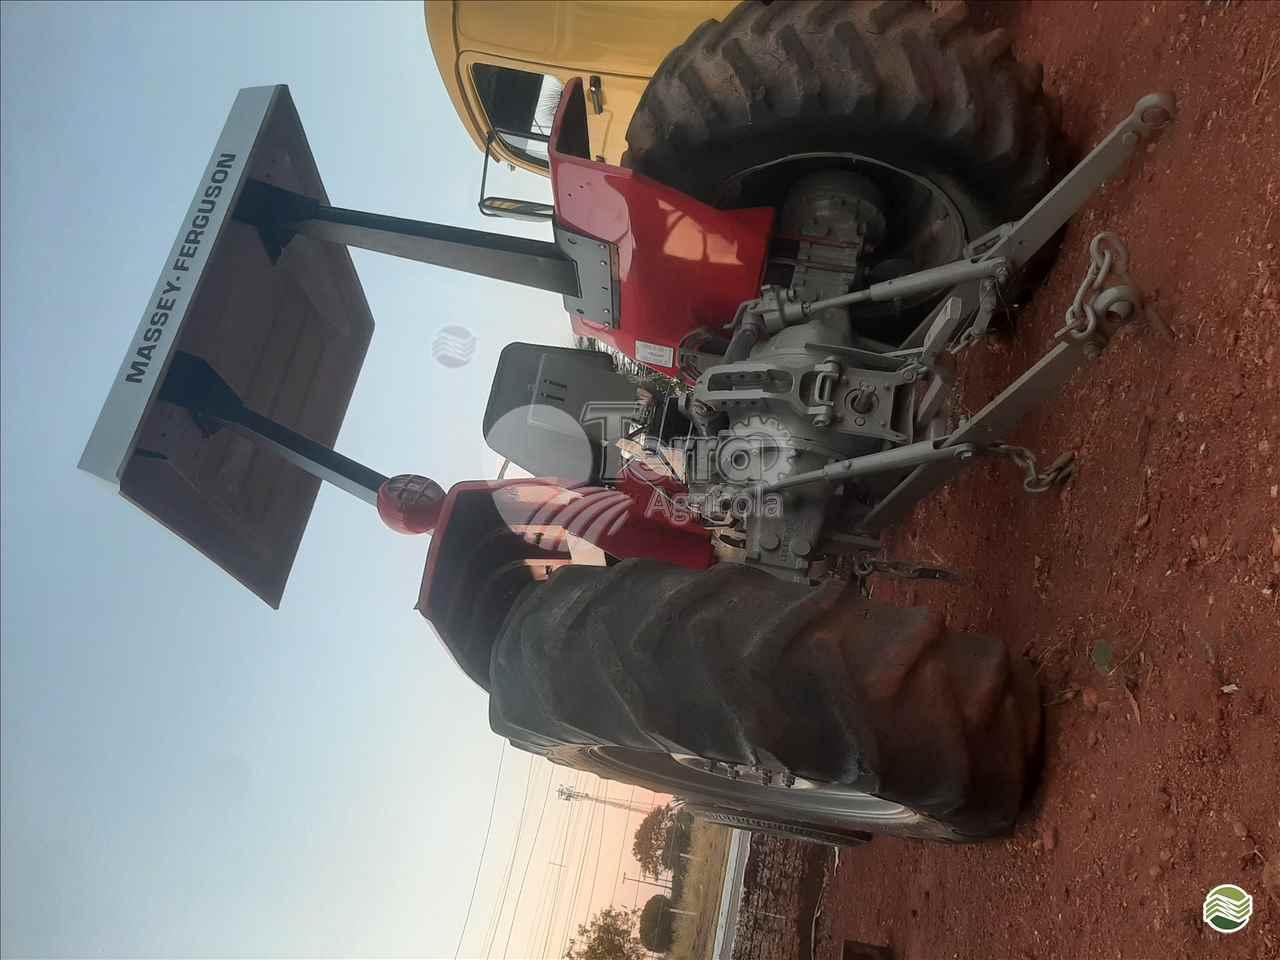 TRATOR MASSEY FERGUSON MF 265 Tração 4x2 Terra Agrícola DIAMANTINO MATO GROSSO MT